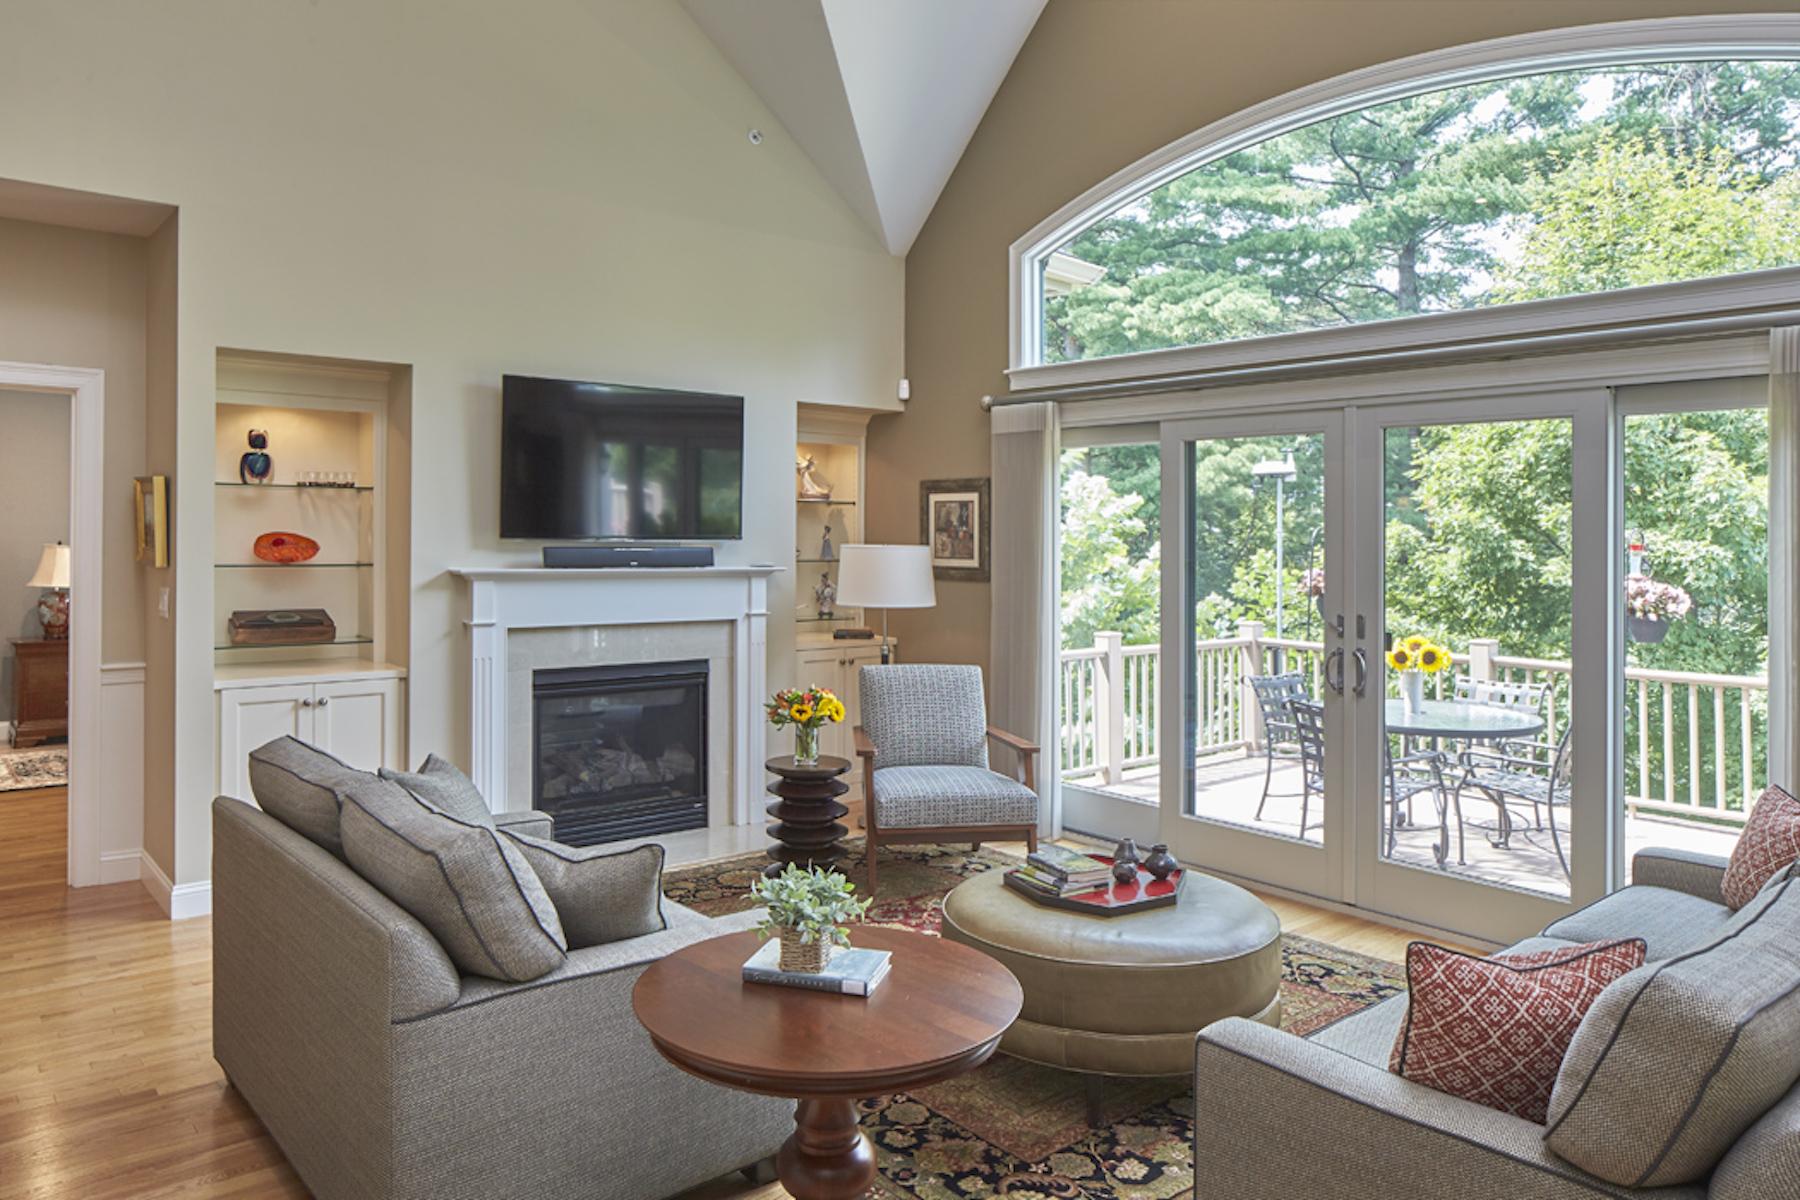 Condominiums 为 销售 在 33 South Cottage Road, Unit 91 33 South Cottage Road Unit 91, 贝尔蒙, 马萨诸塞州 02478 美国